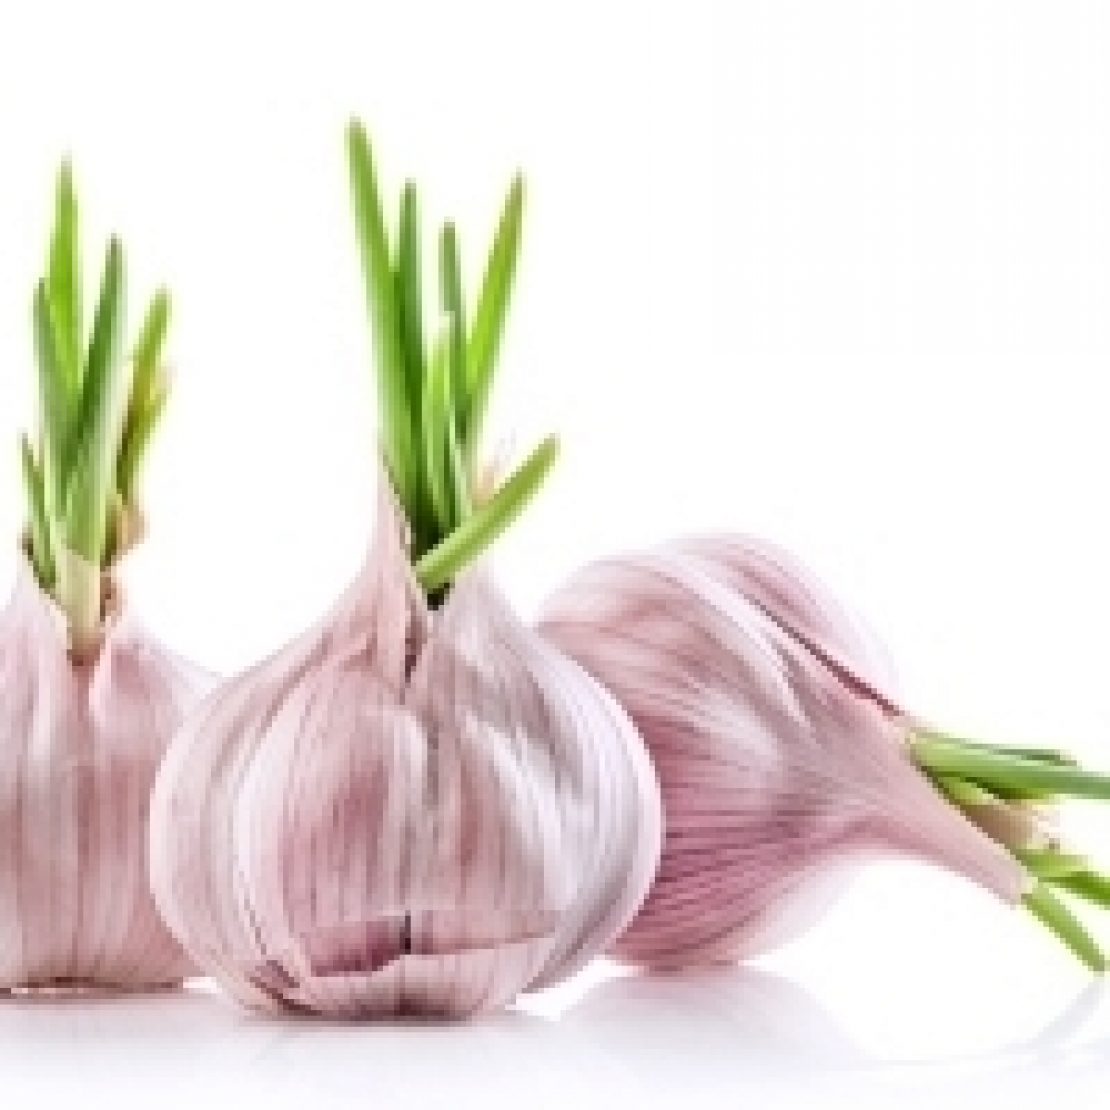 L'aglio, alimento utile per combattere le infezioni